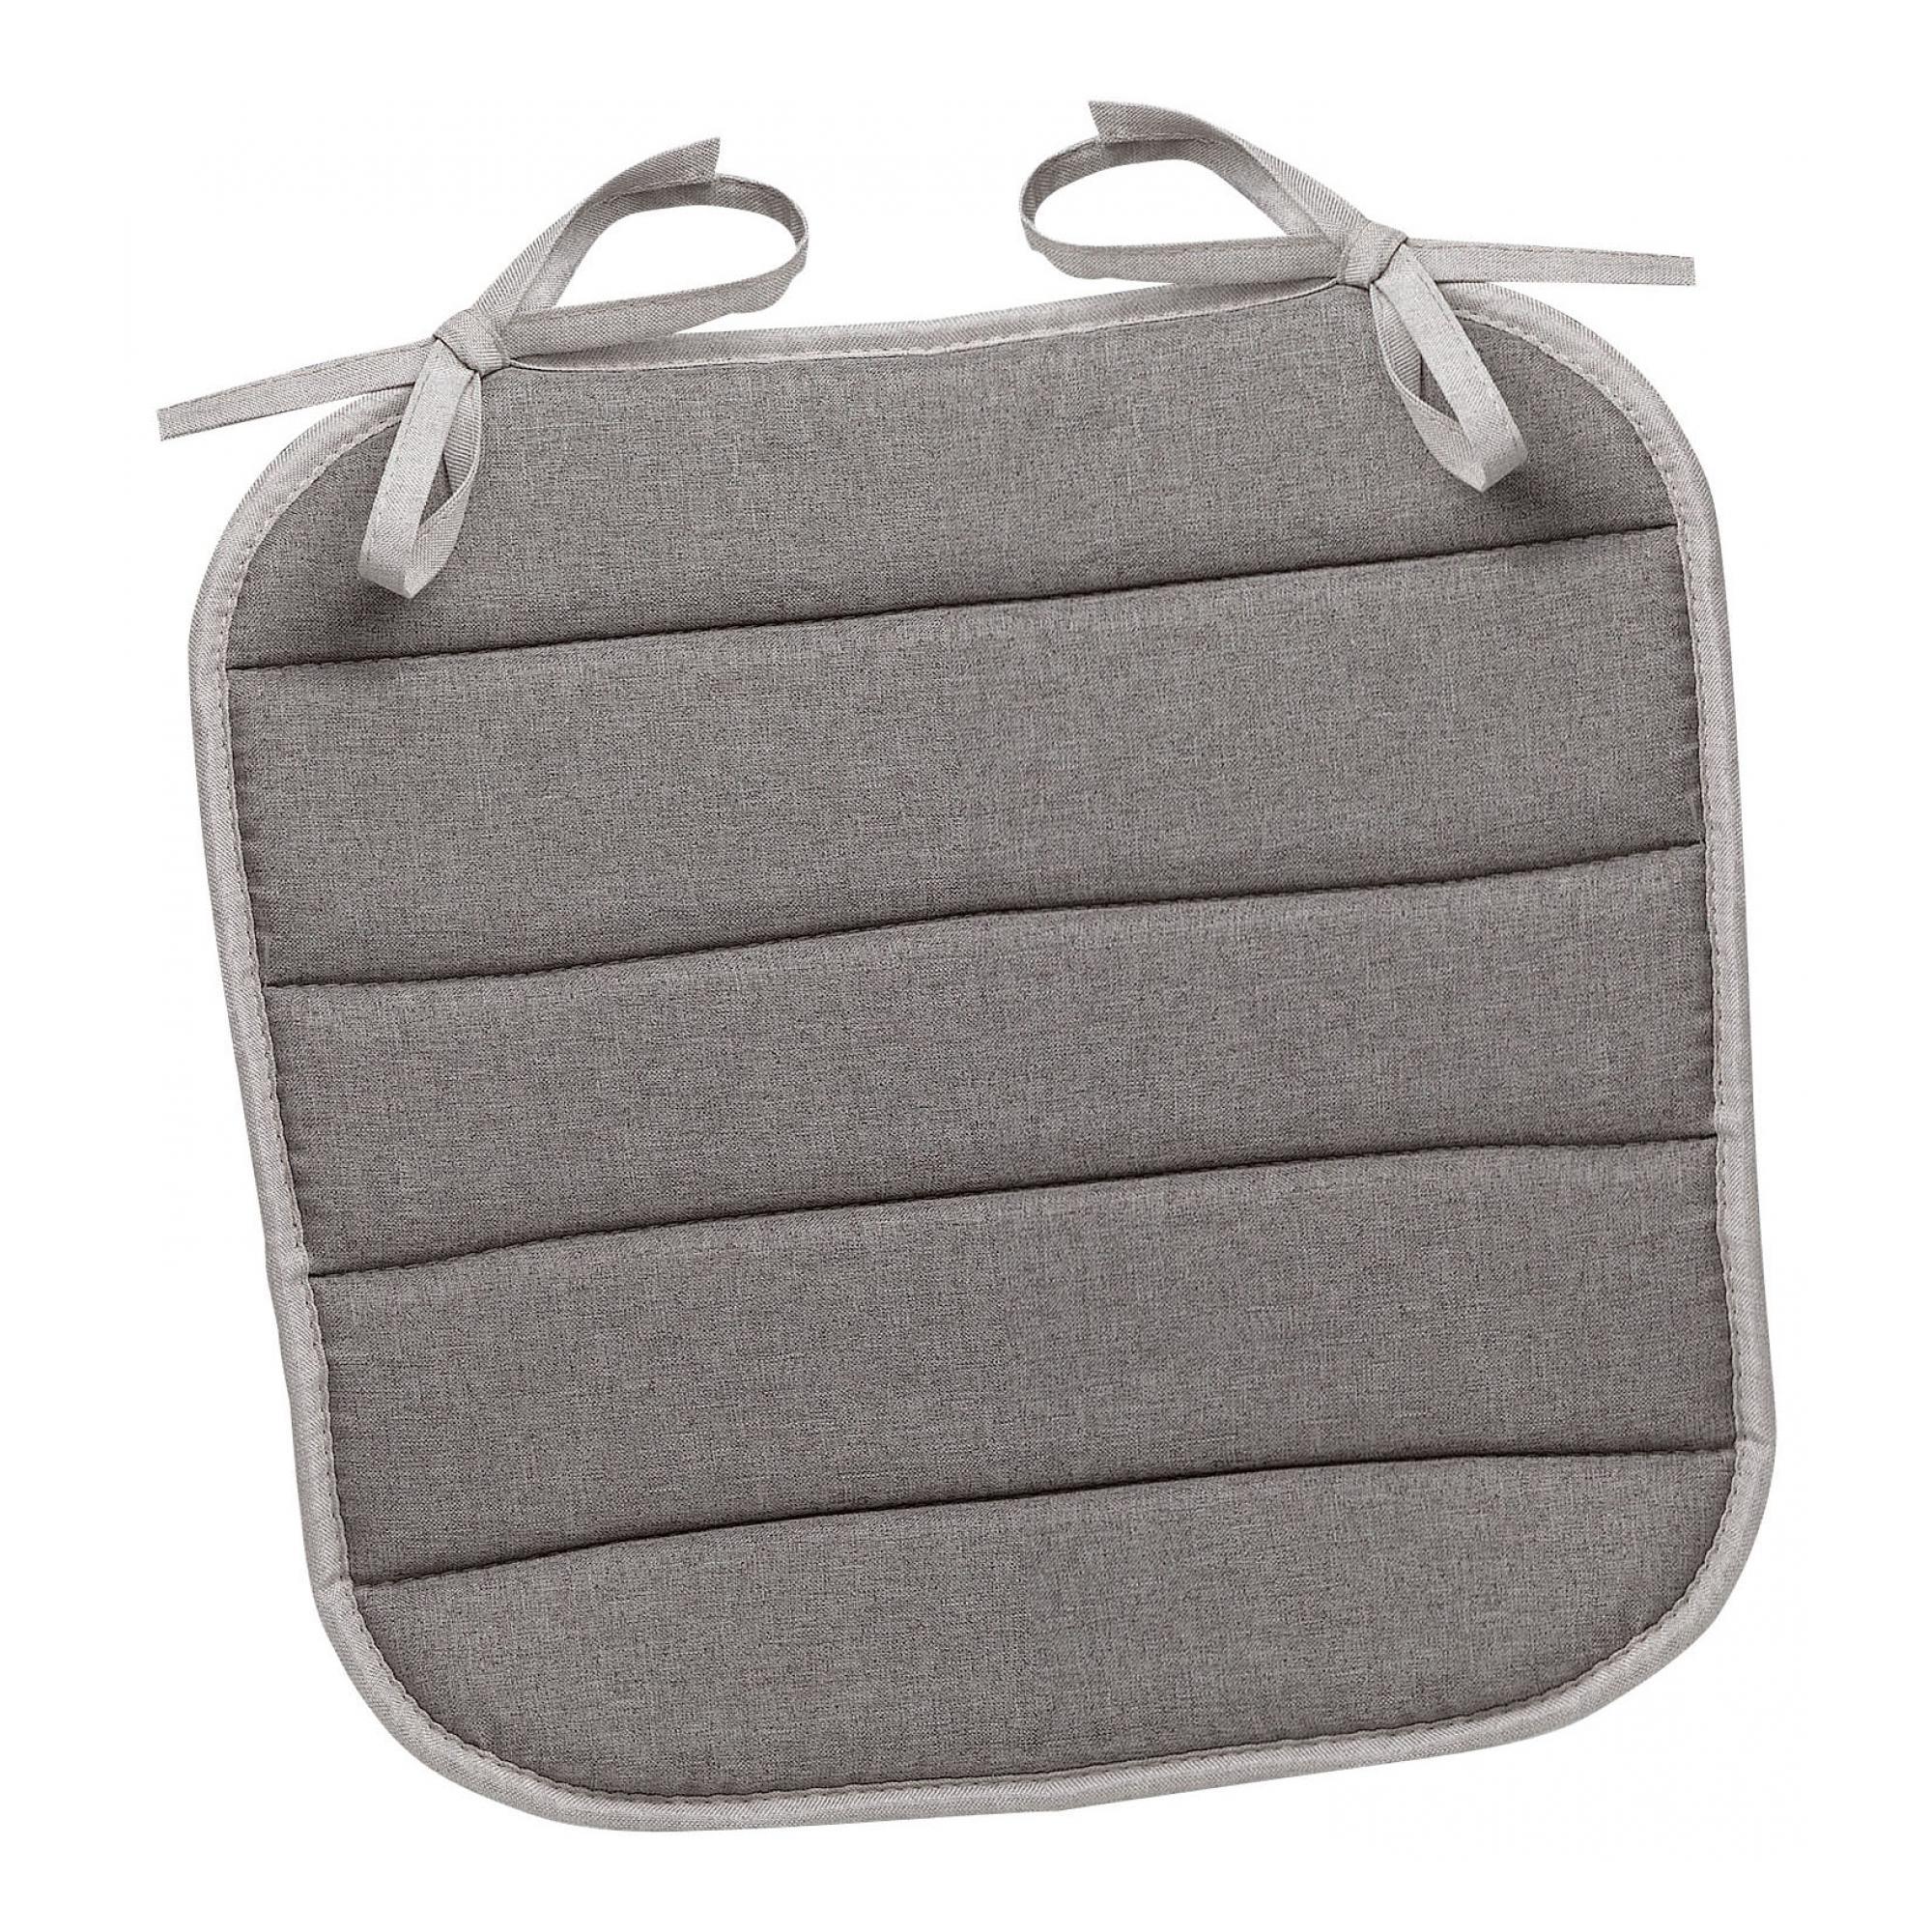 Galette de chaise plate Chinée en polyester gris 37 x 37 x 1